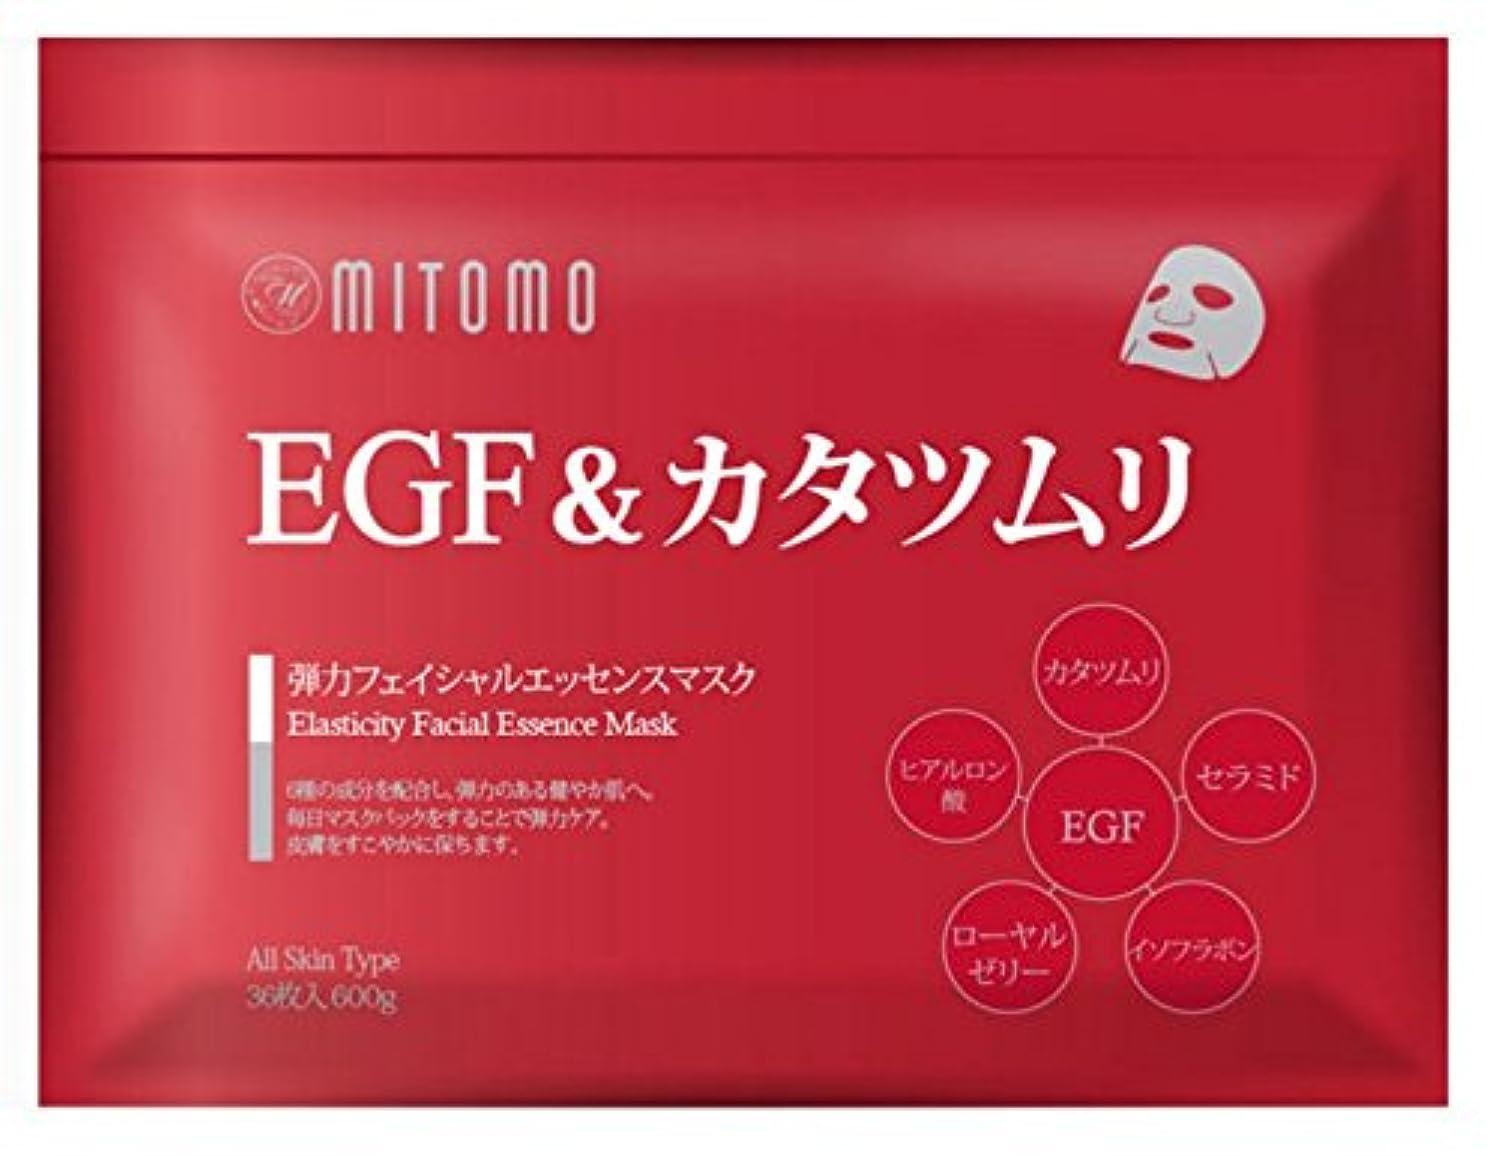 変換検出するたるみ【MITOMO/美友】フェイスマスク?シートマスク【MT001-E-0】EGF&カタツムリ36枚入